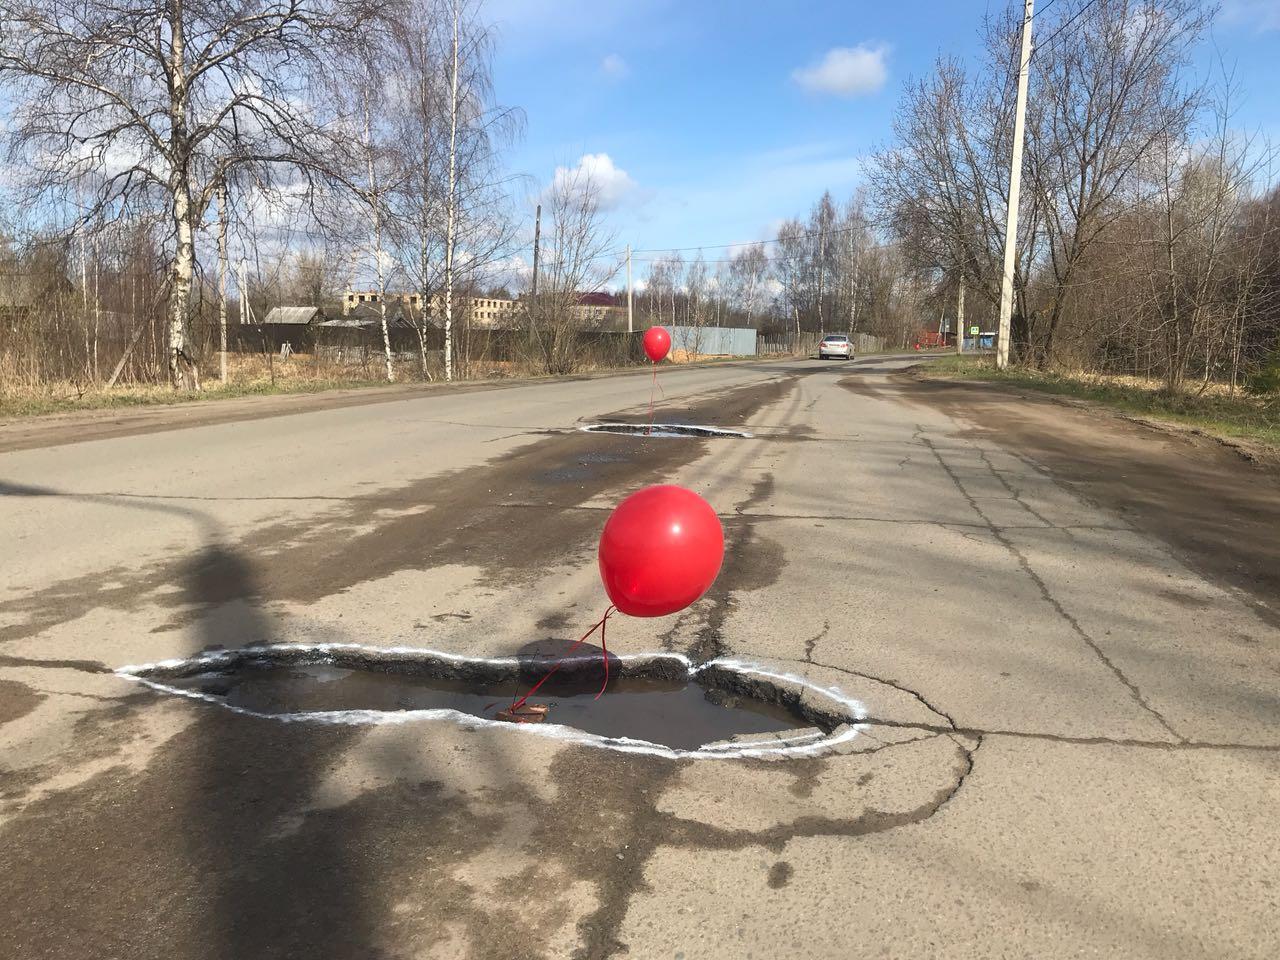 Терпеть уже невозможно: неравнодушные водители пометили огромные ярославские ямы краской и красными шариками